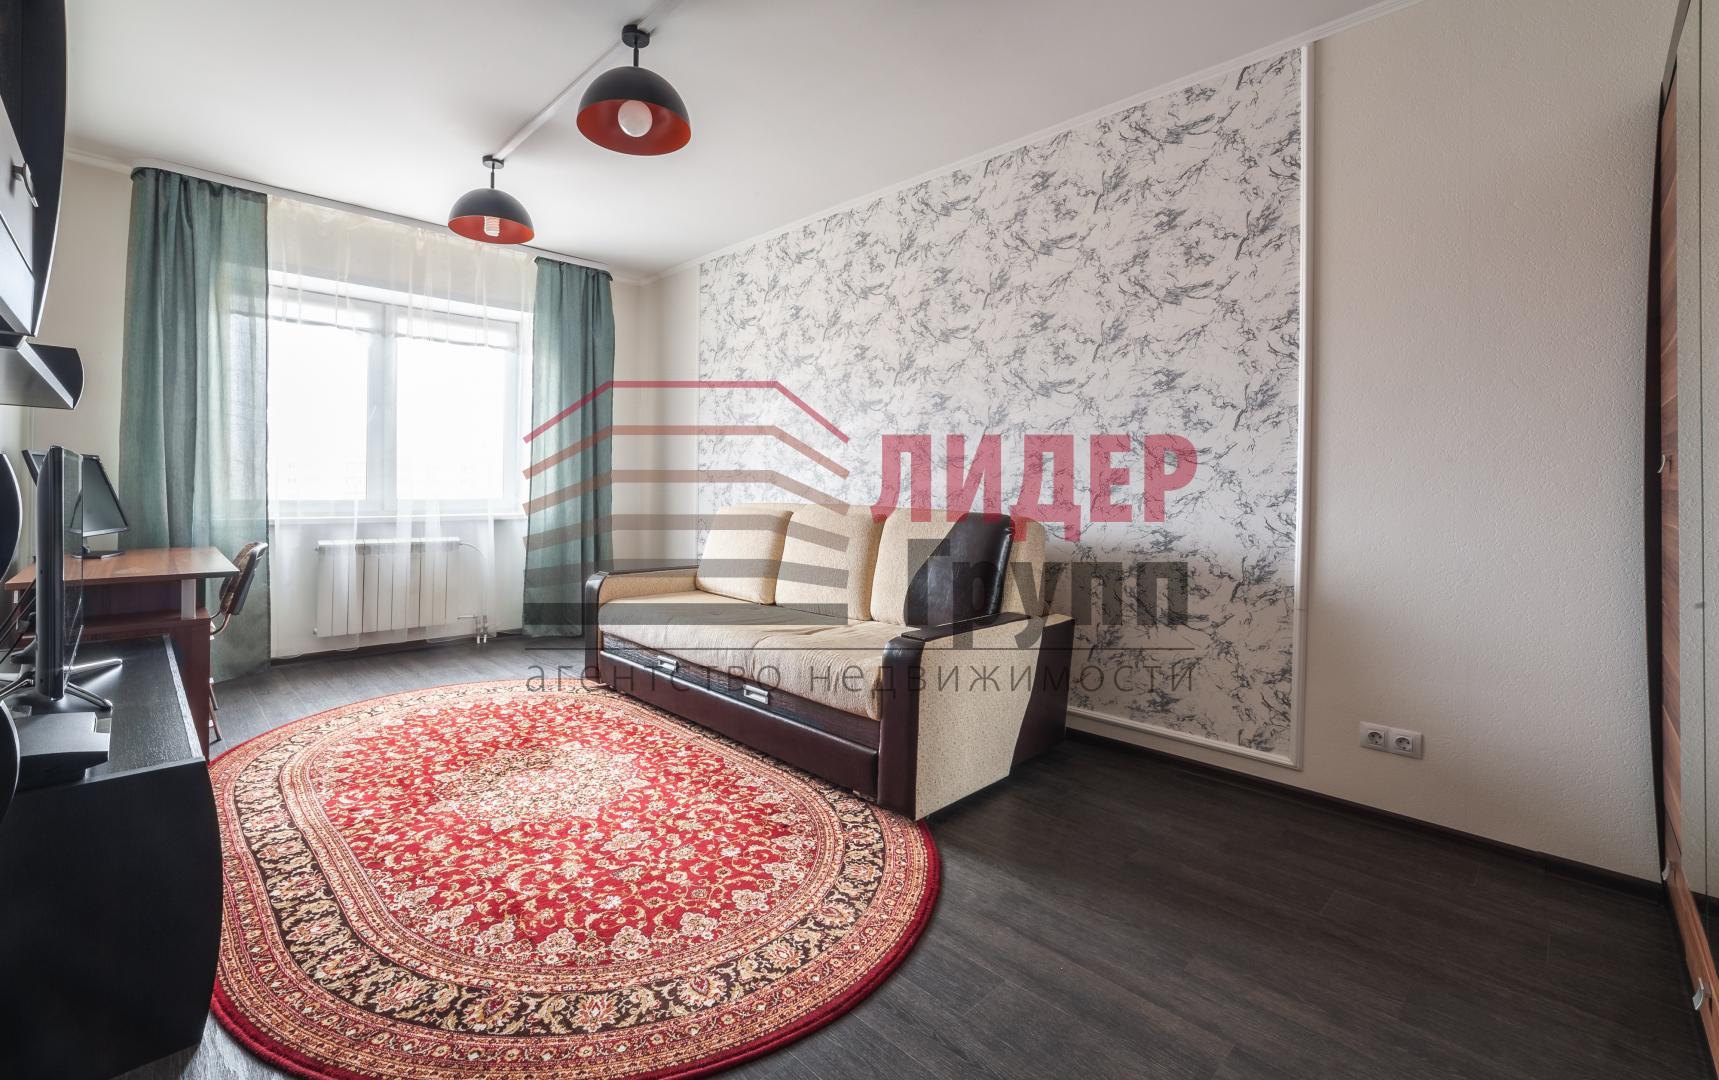 Продается однокомнатная квартира за 5 500 000 рублей. Московская обл, г Долгопрудный, мкр Хлебниково, Новое шоссе, д 10 к 1.